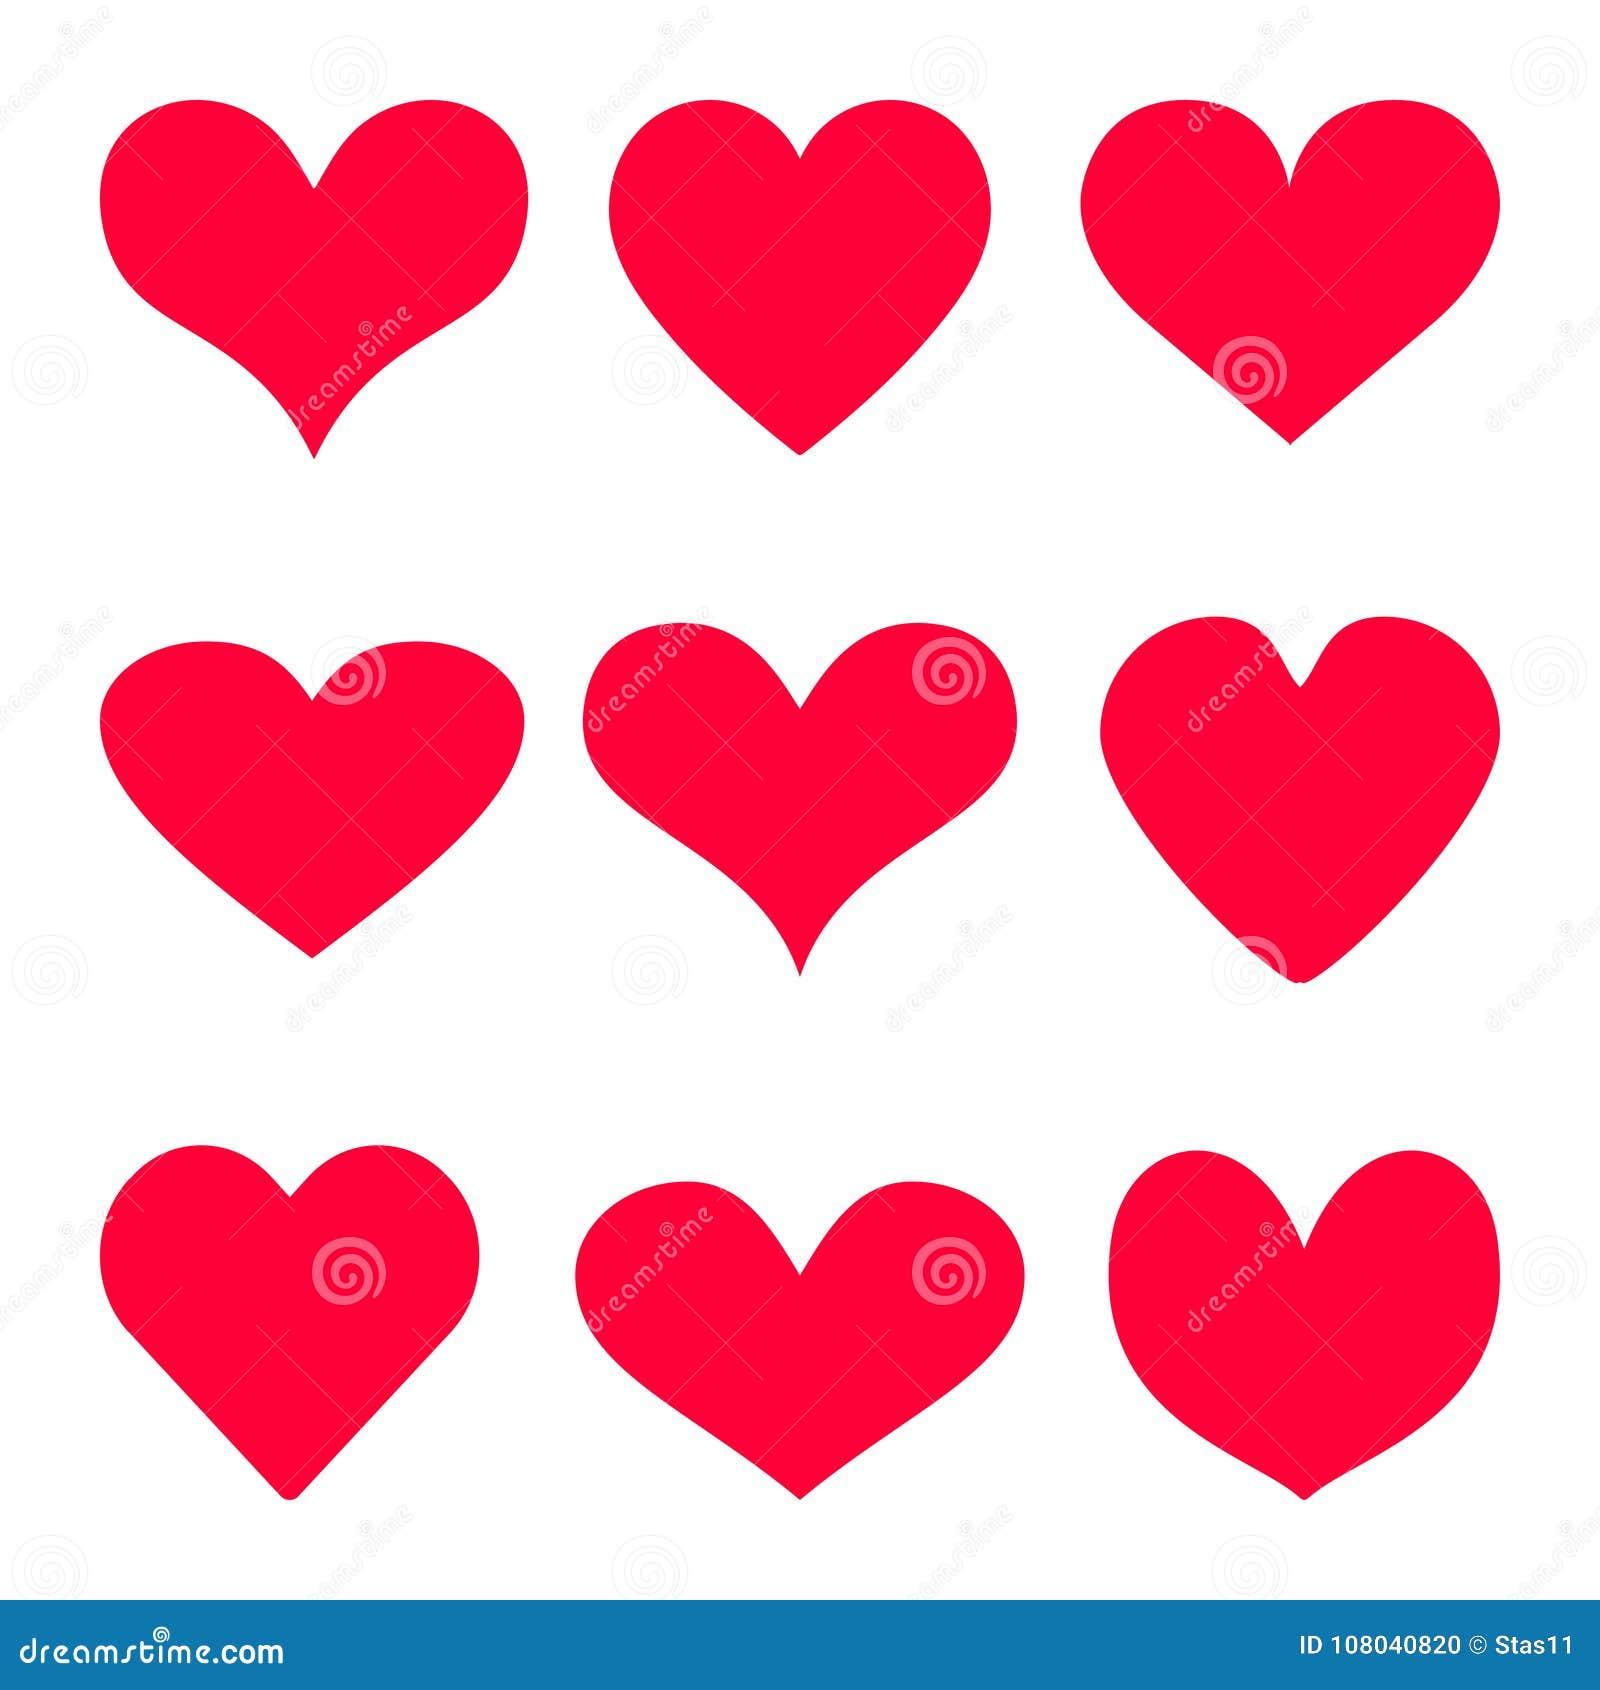 O fundo vermelho do ícone do vetor do coração ajustou-se para o dia do ` s do Valentim, ilustração médica, símbolo da história de